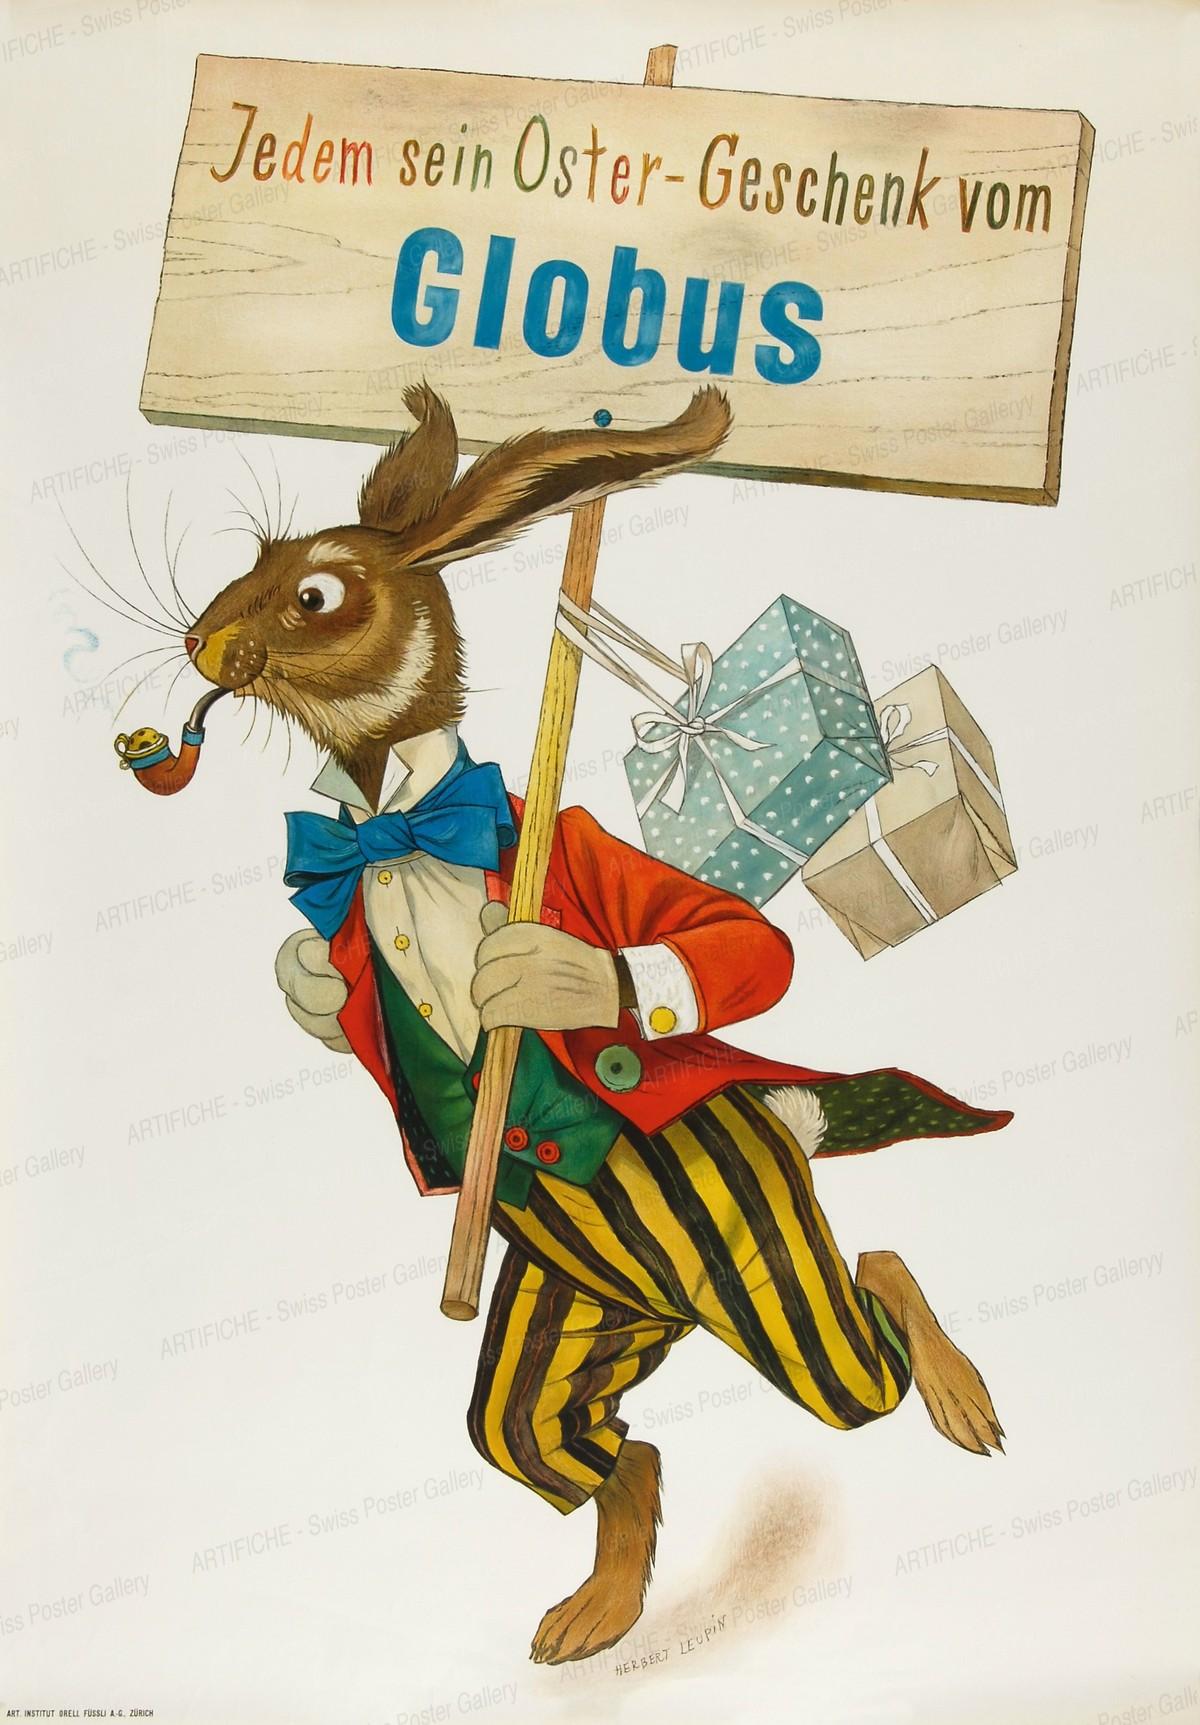 Globus Department Store – Easter, Herbert Leupin